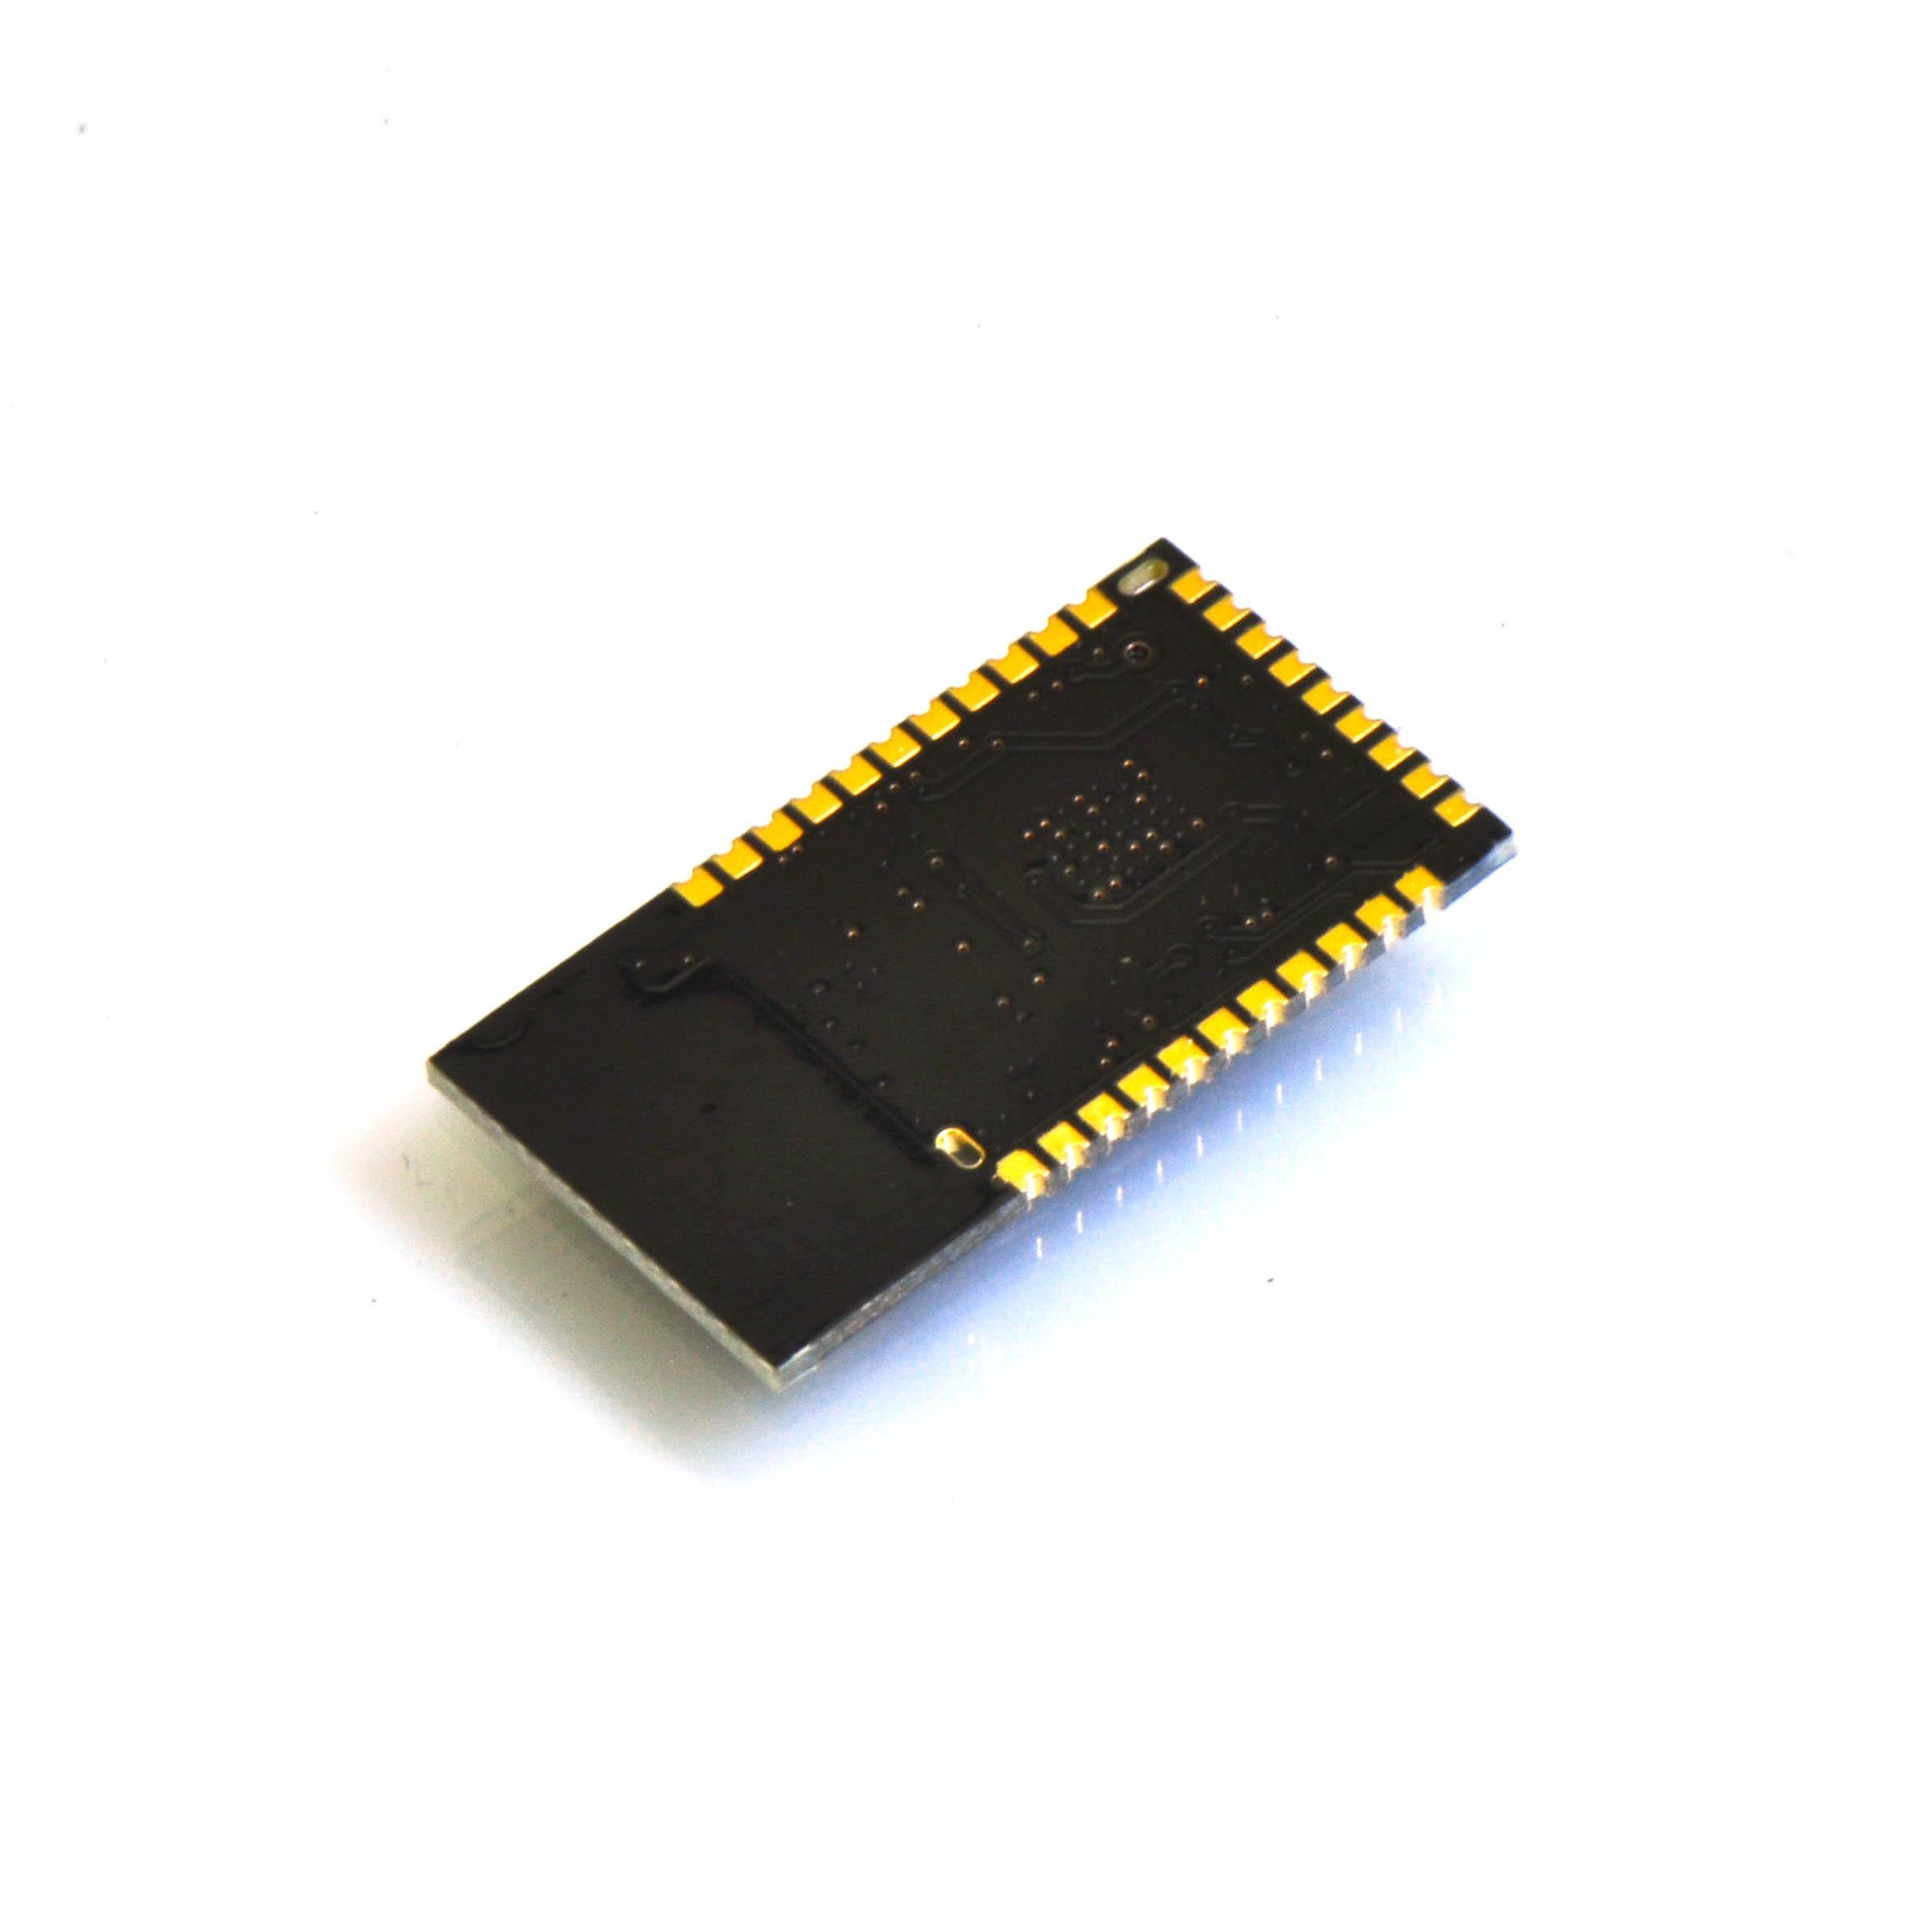 IoT Wi-Fi Module F11AFSM33-B1